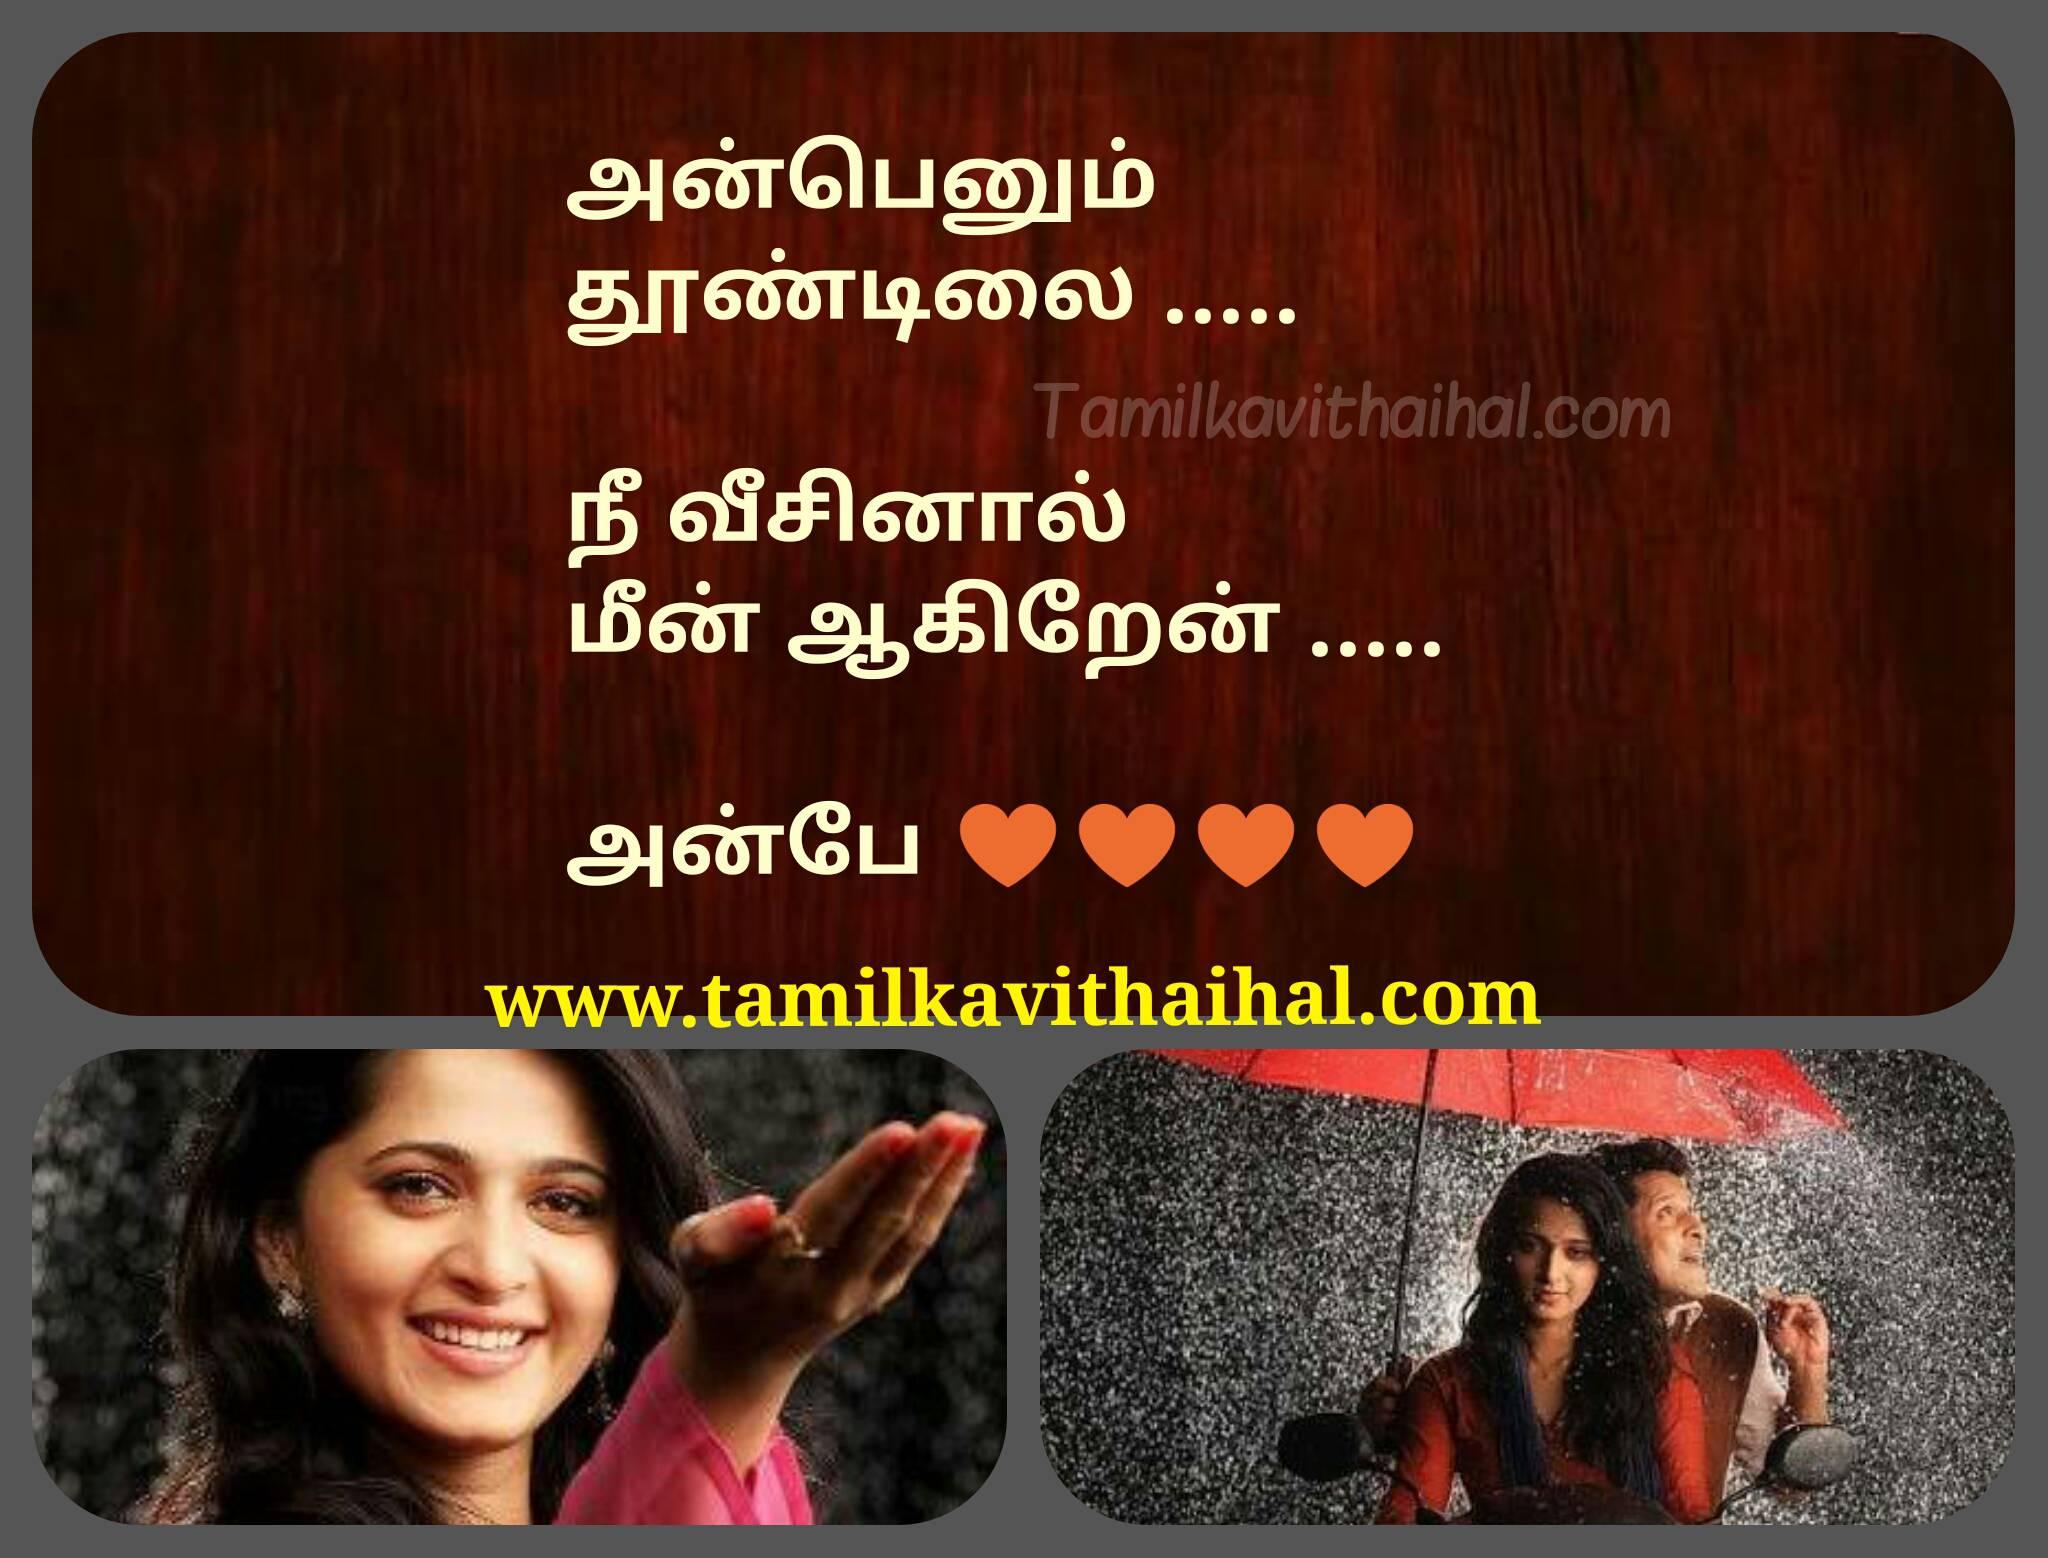 Beautiful anushka vikaram love songs download theiva thirumagal movie hd wallpapper images